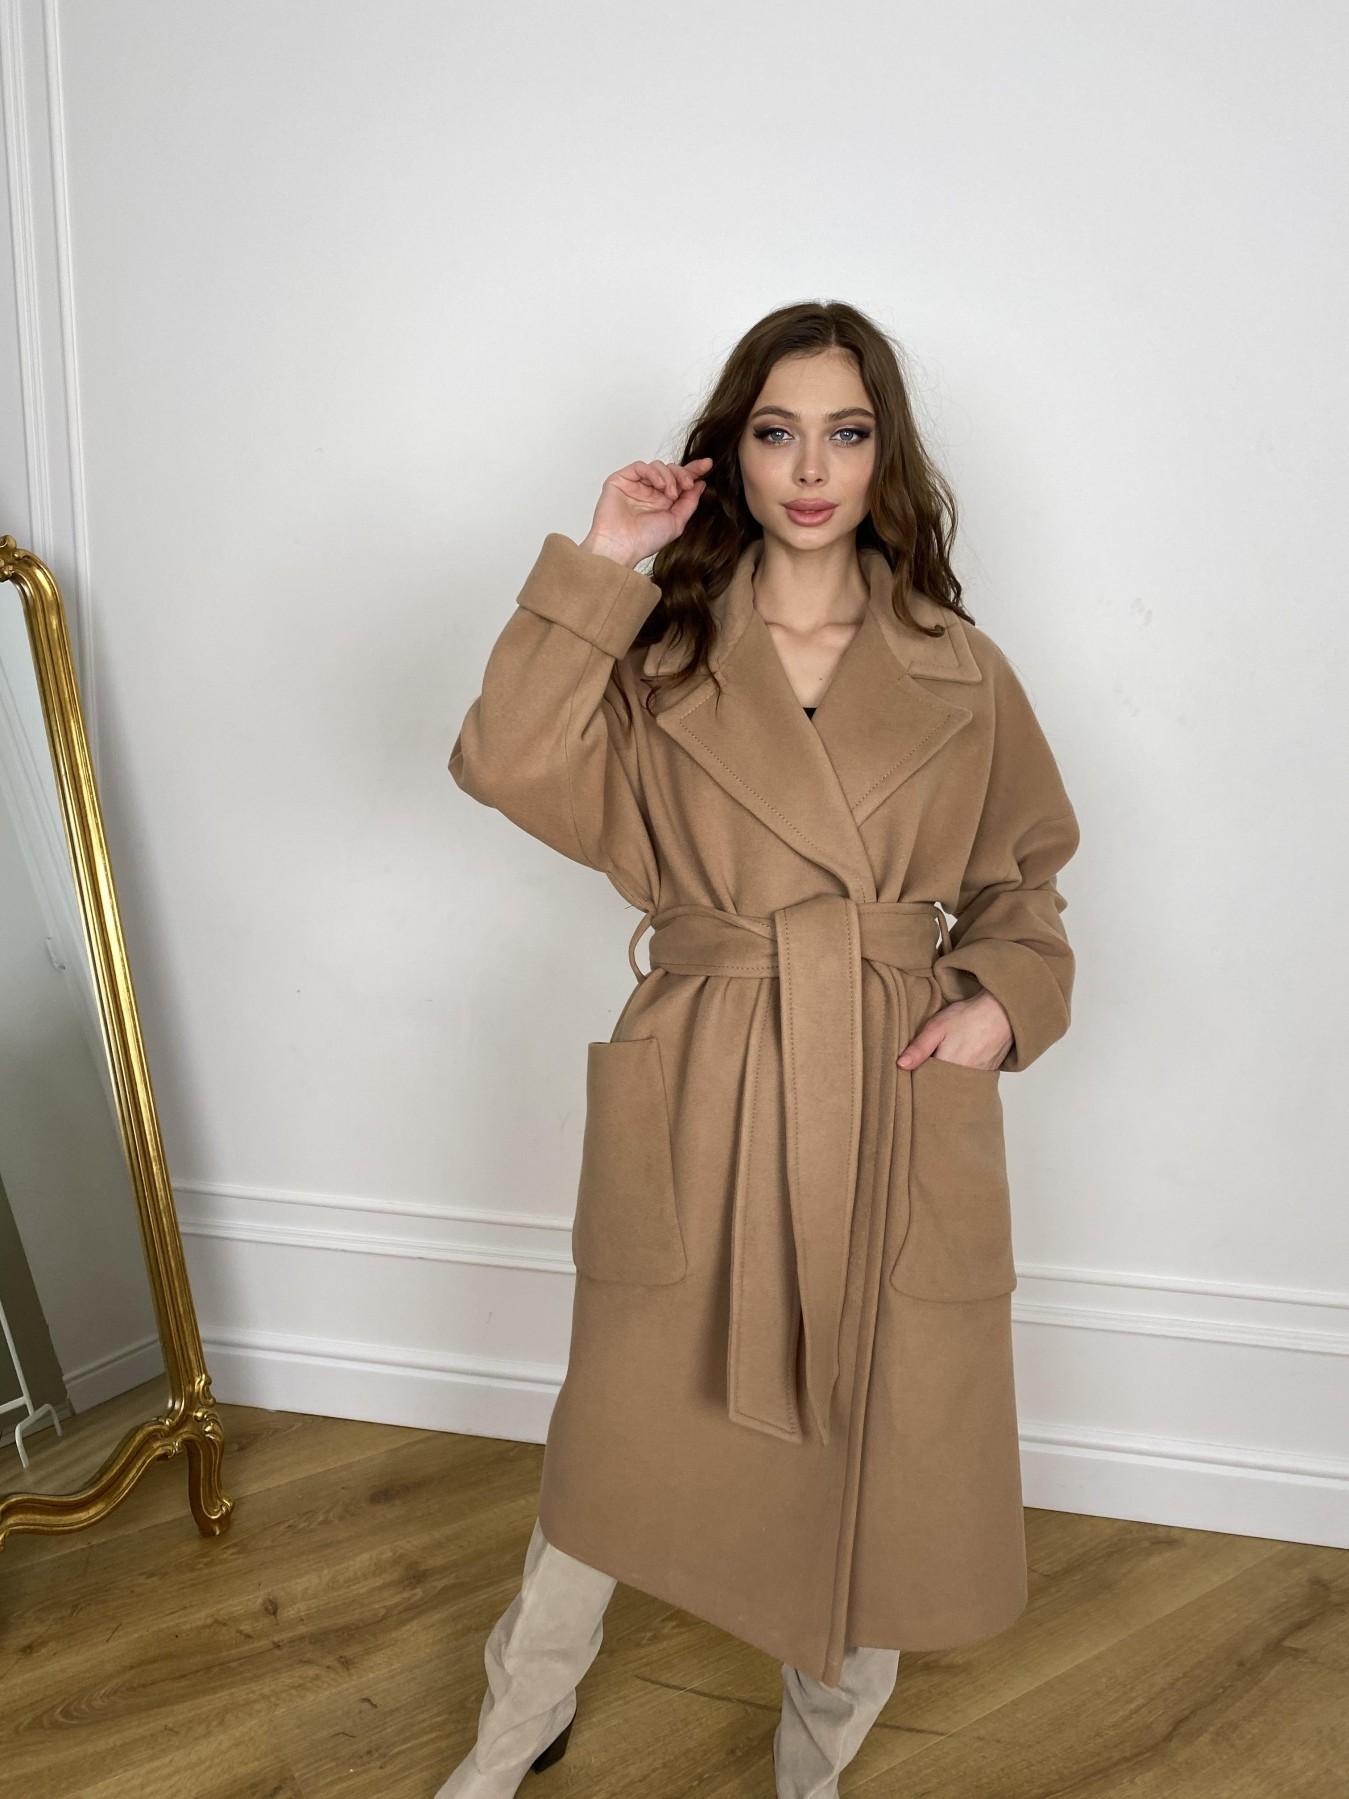 Кейт  пальто из кашемира 10539 АРТ. 46894 Цвет: Кемел - фото 4, интернет магазин tm-modus.ru